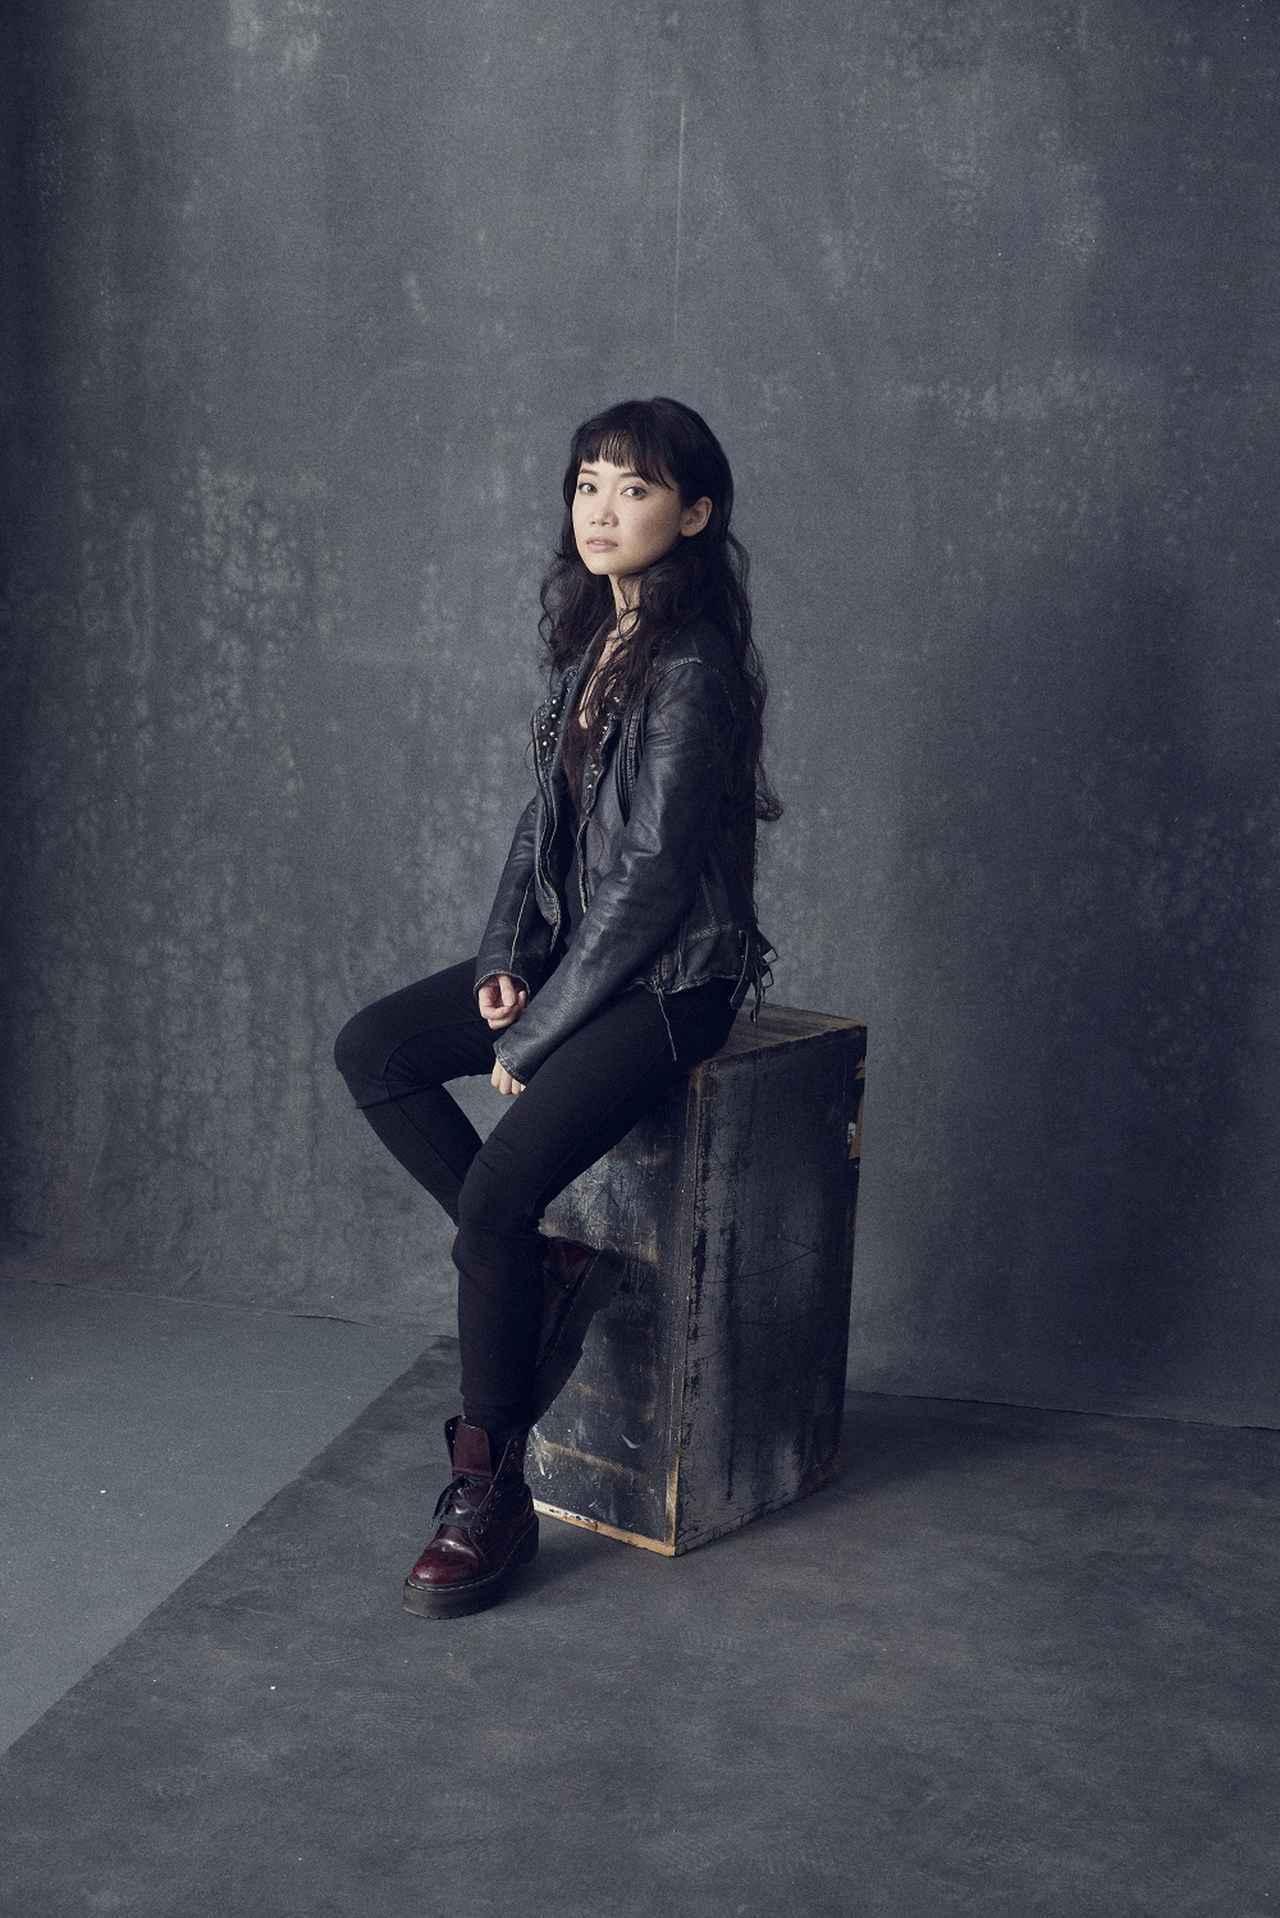 画像3: 『G.I.ジョー』シリーズ新作、アキコ役の安部春香さんにインタビュー